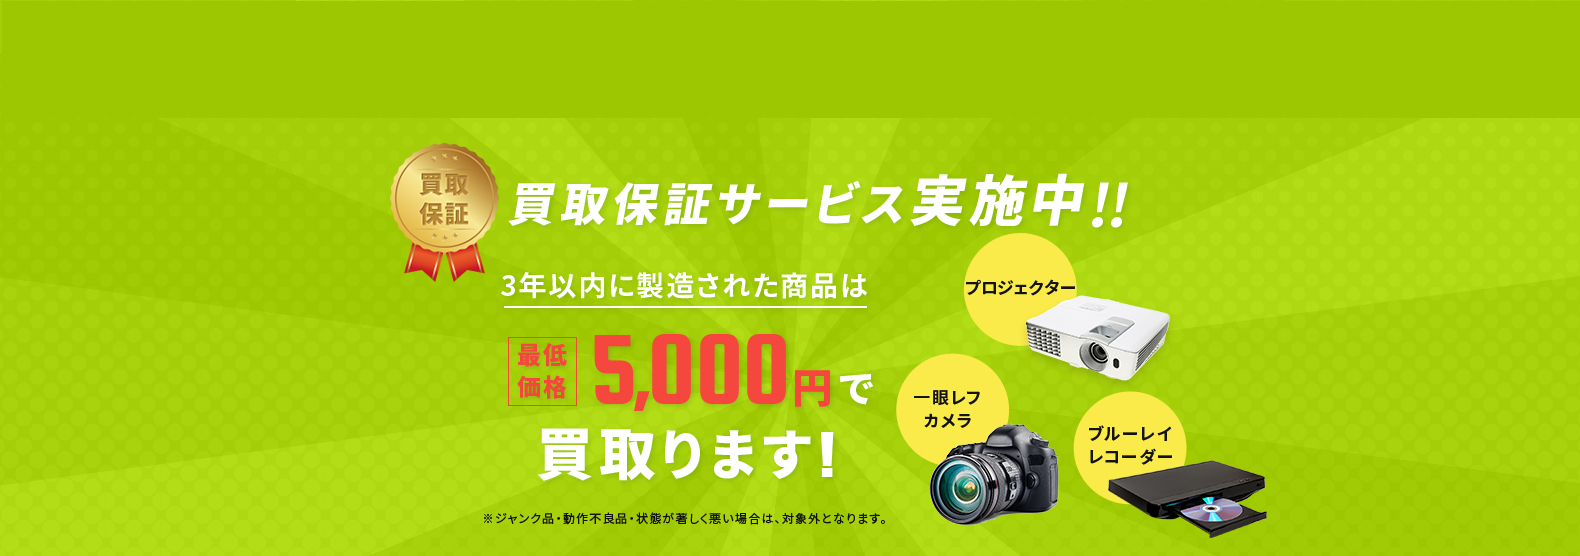 買取保証サービス実施中「3年以内に製造された商品」は最低価格5,000円で買い取ります。